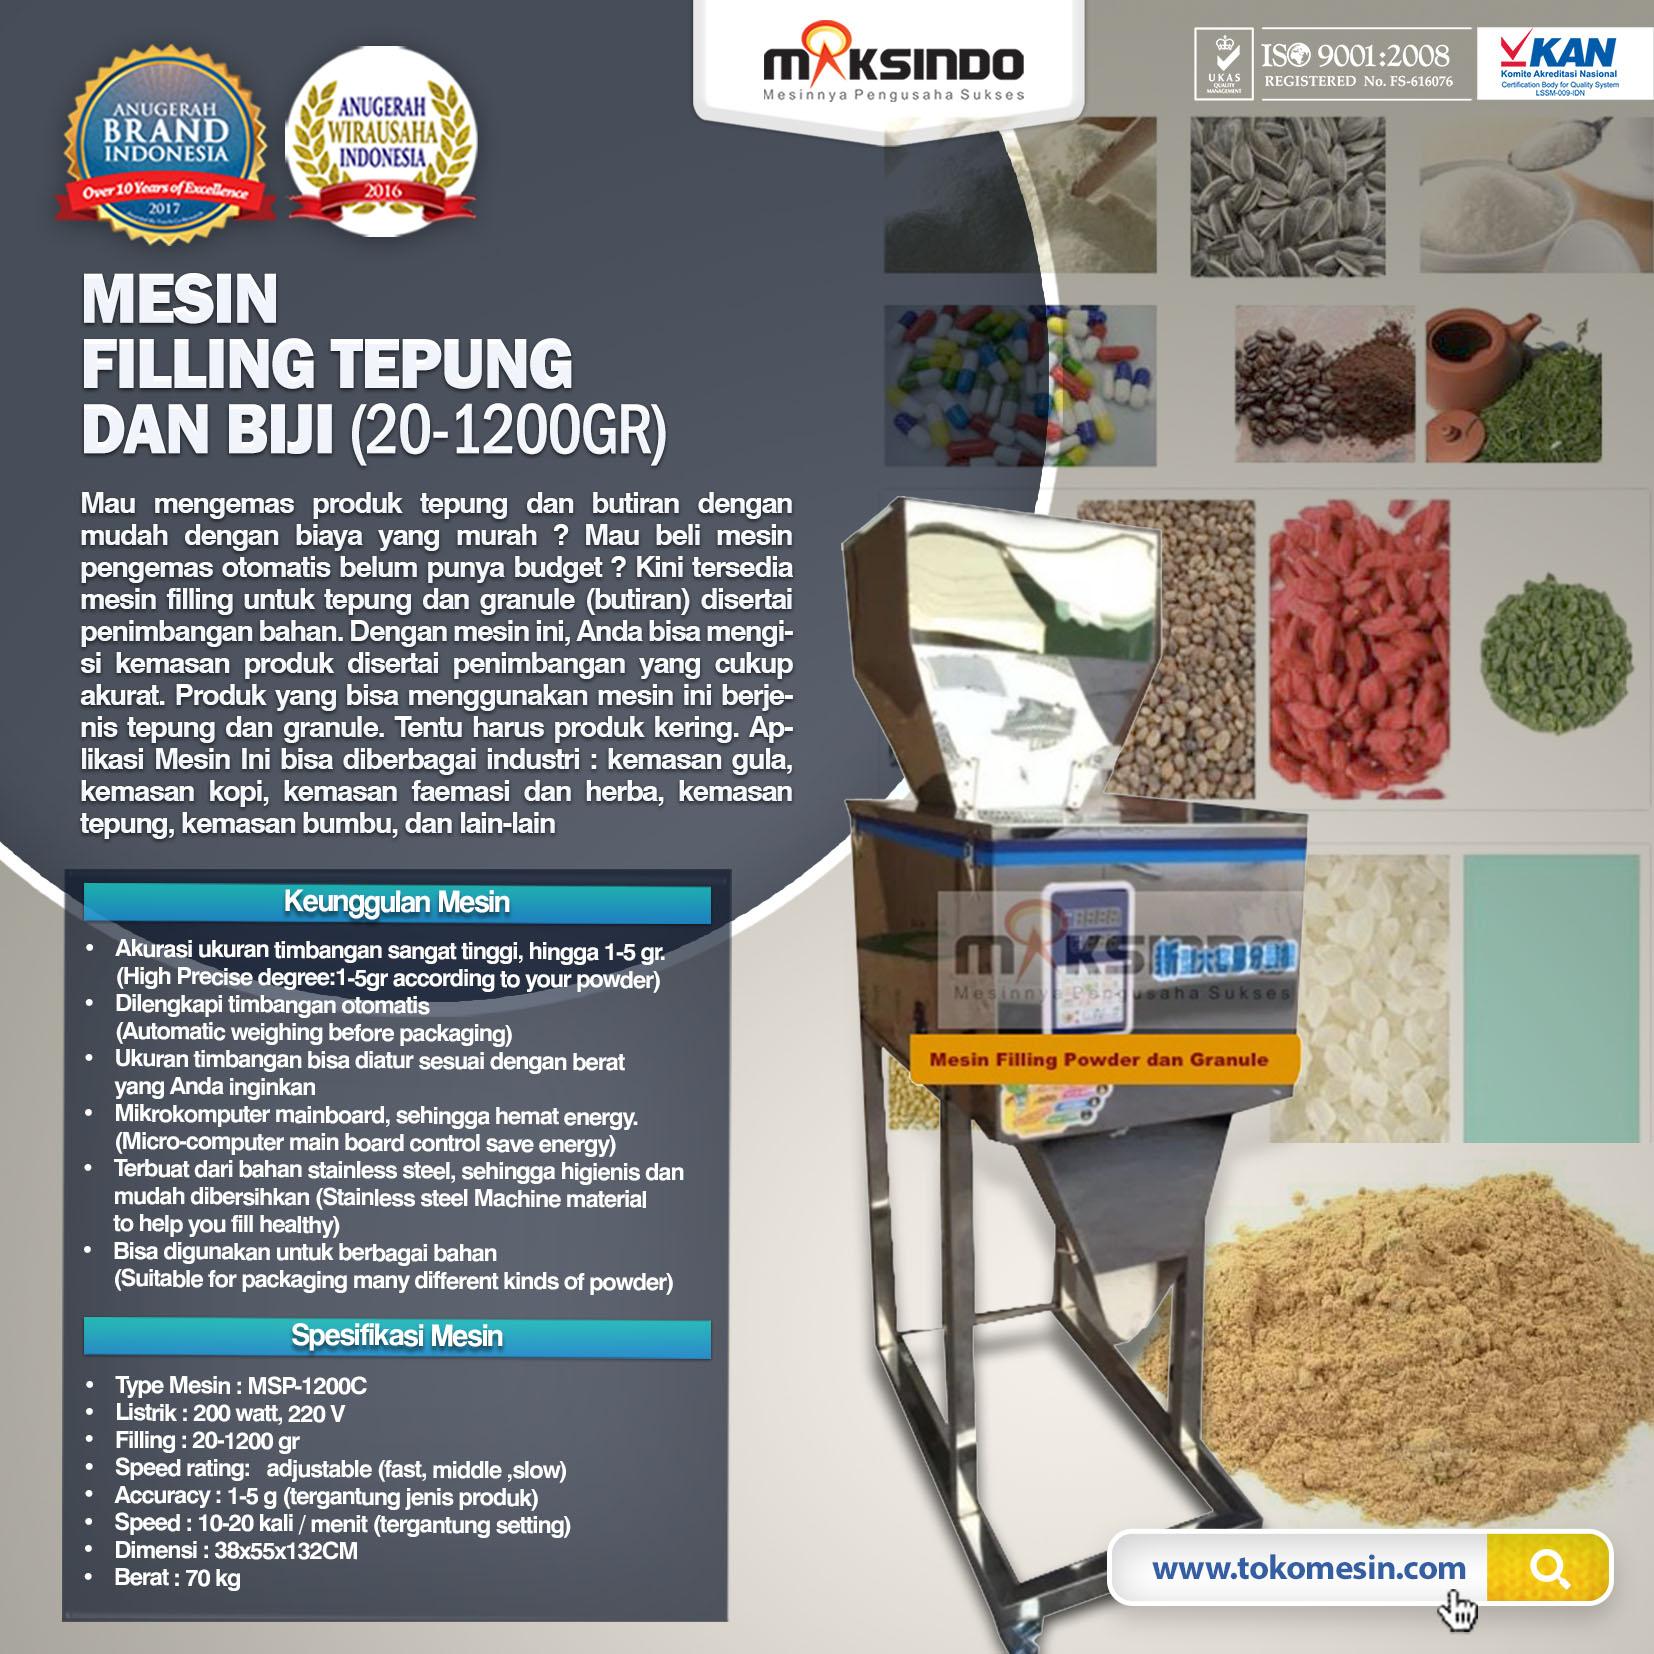 Jual Mesin Filling Tepung dan Biji (20-1200gr) di Bekasi